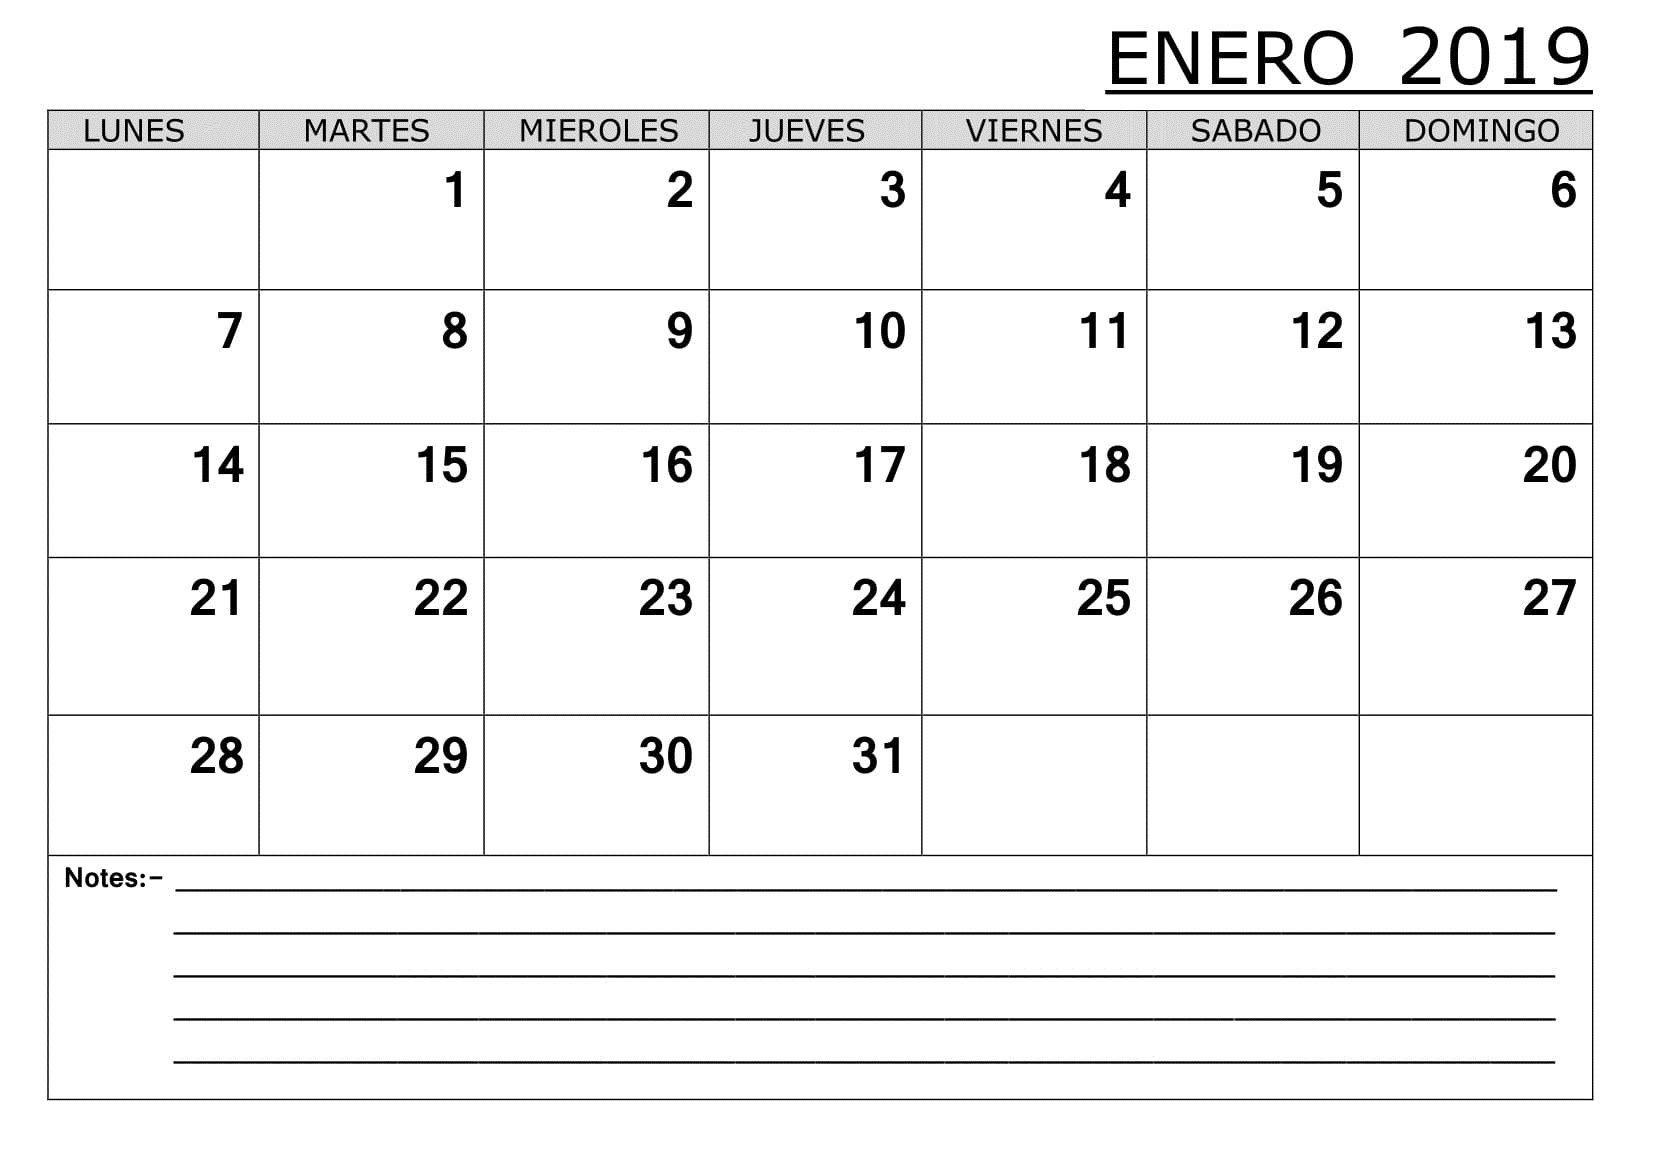 Calendario Blanco Para Imprimir Mejores Y Más Novedosos Calendario Enero 2019 Hola 2019 Of Calendario Blanco Para Imprimir Más Recientes Vuelta Al Cole 2017 100 Plantillas Y Horarios Gratis Para